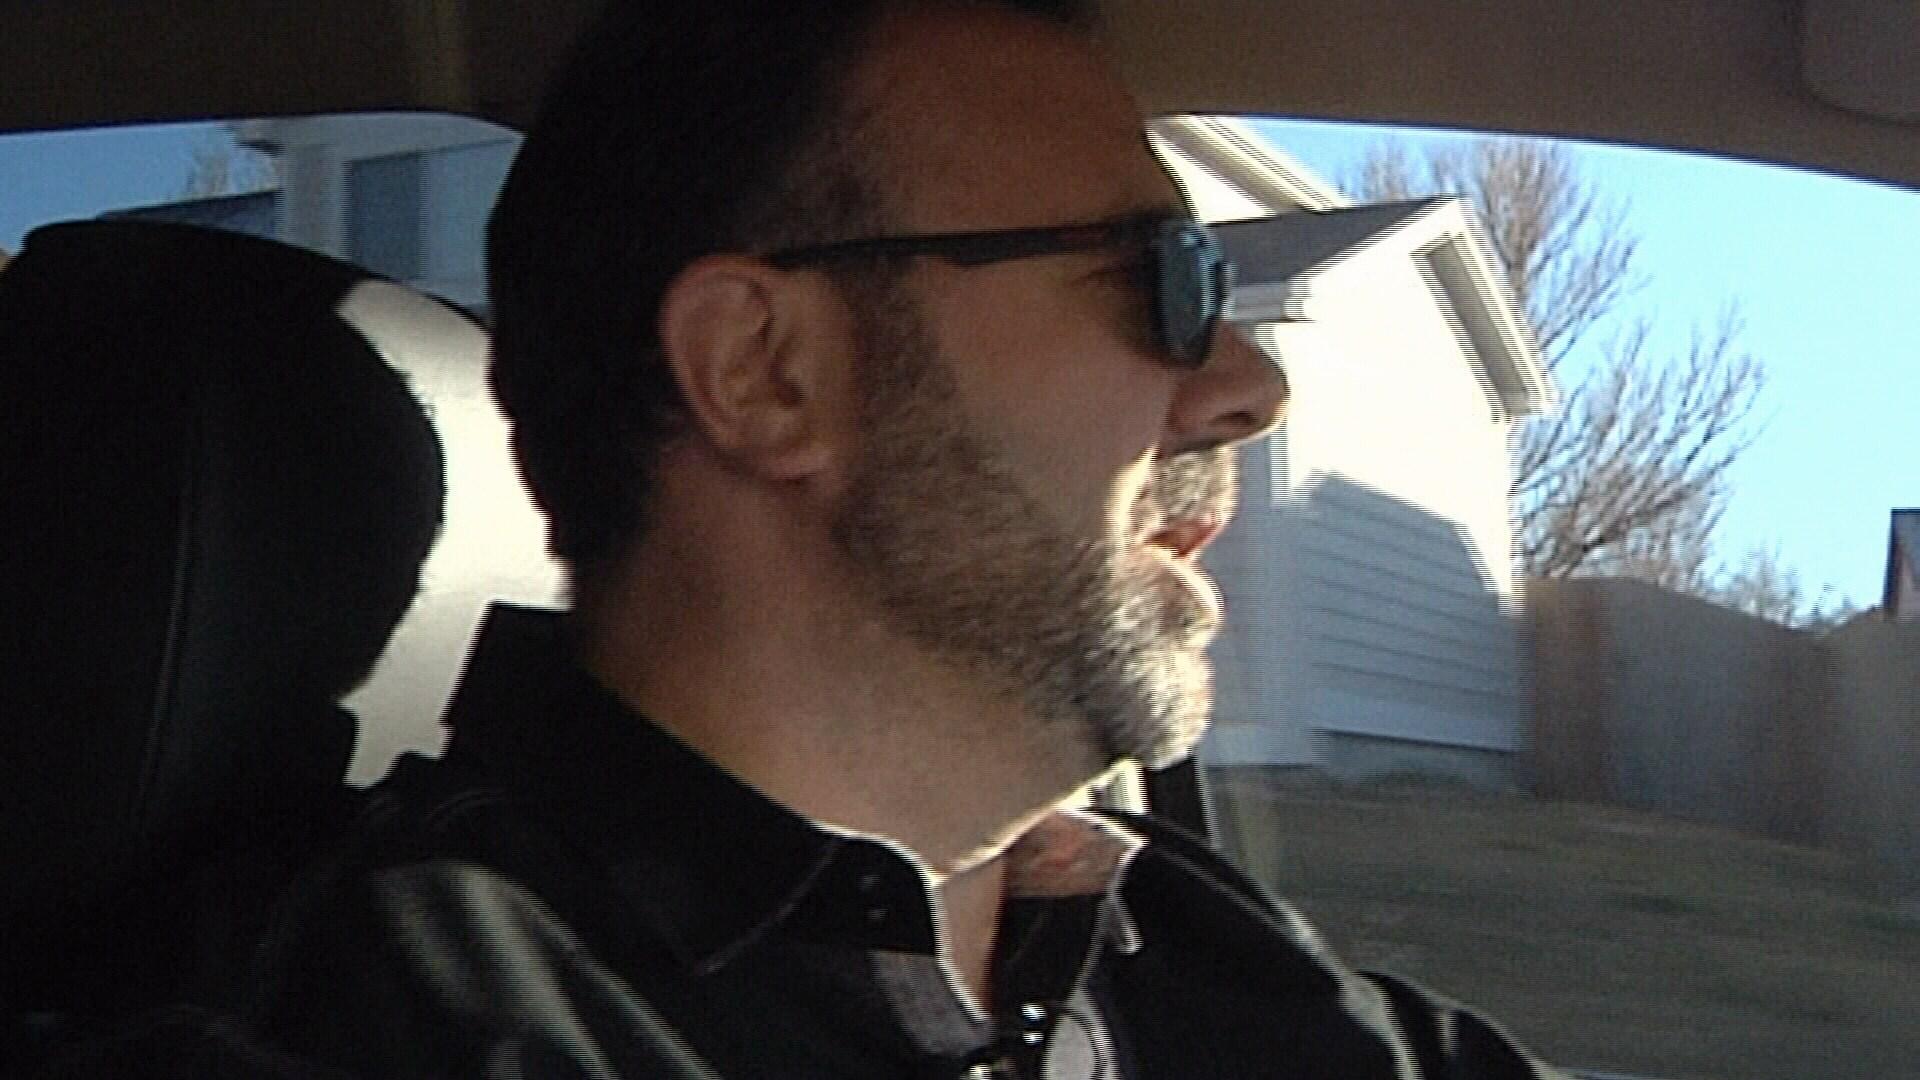 Ride share driver Mark Fruci